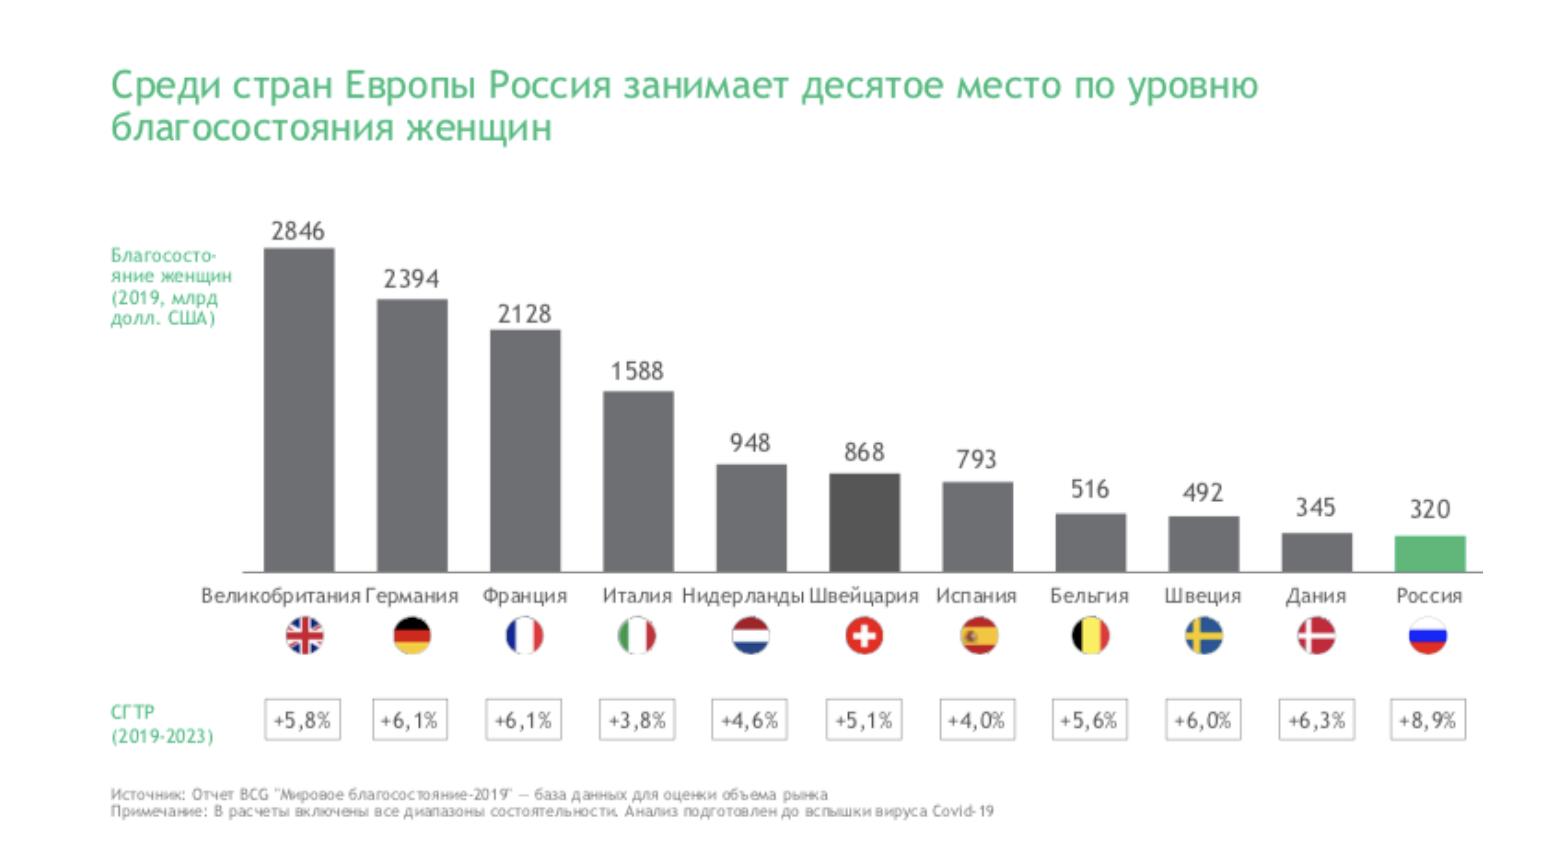 Россия на десятом месте по уровню благосостояния женщин: им принадлежат 320 млрд долларов